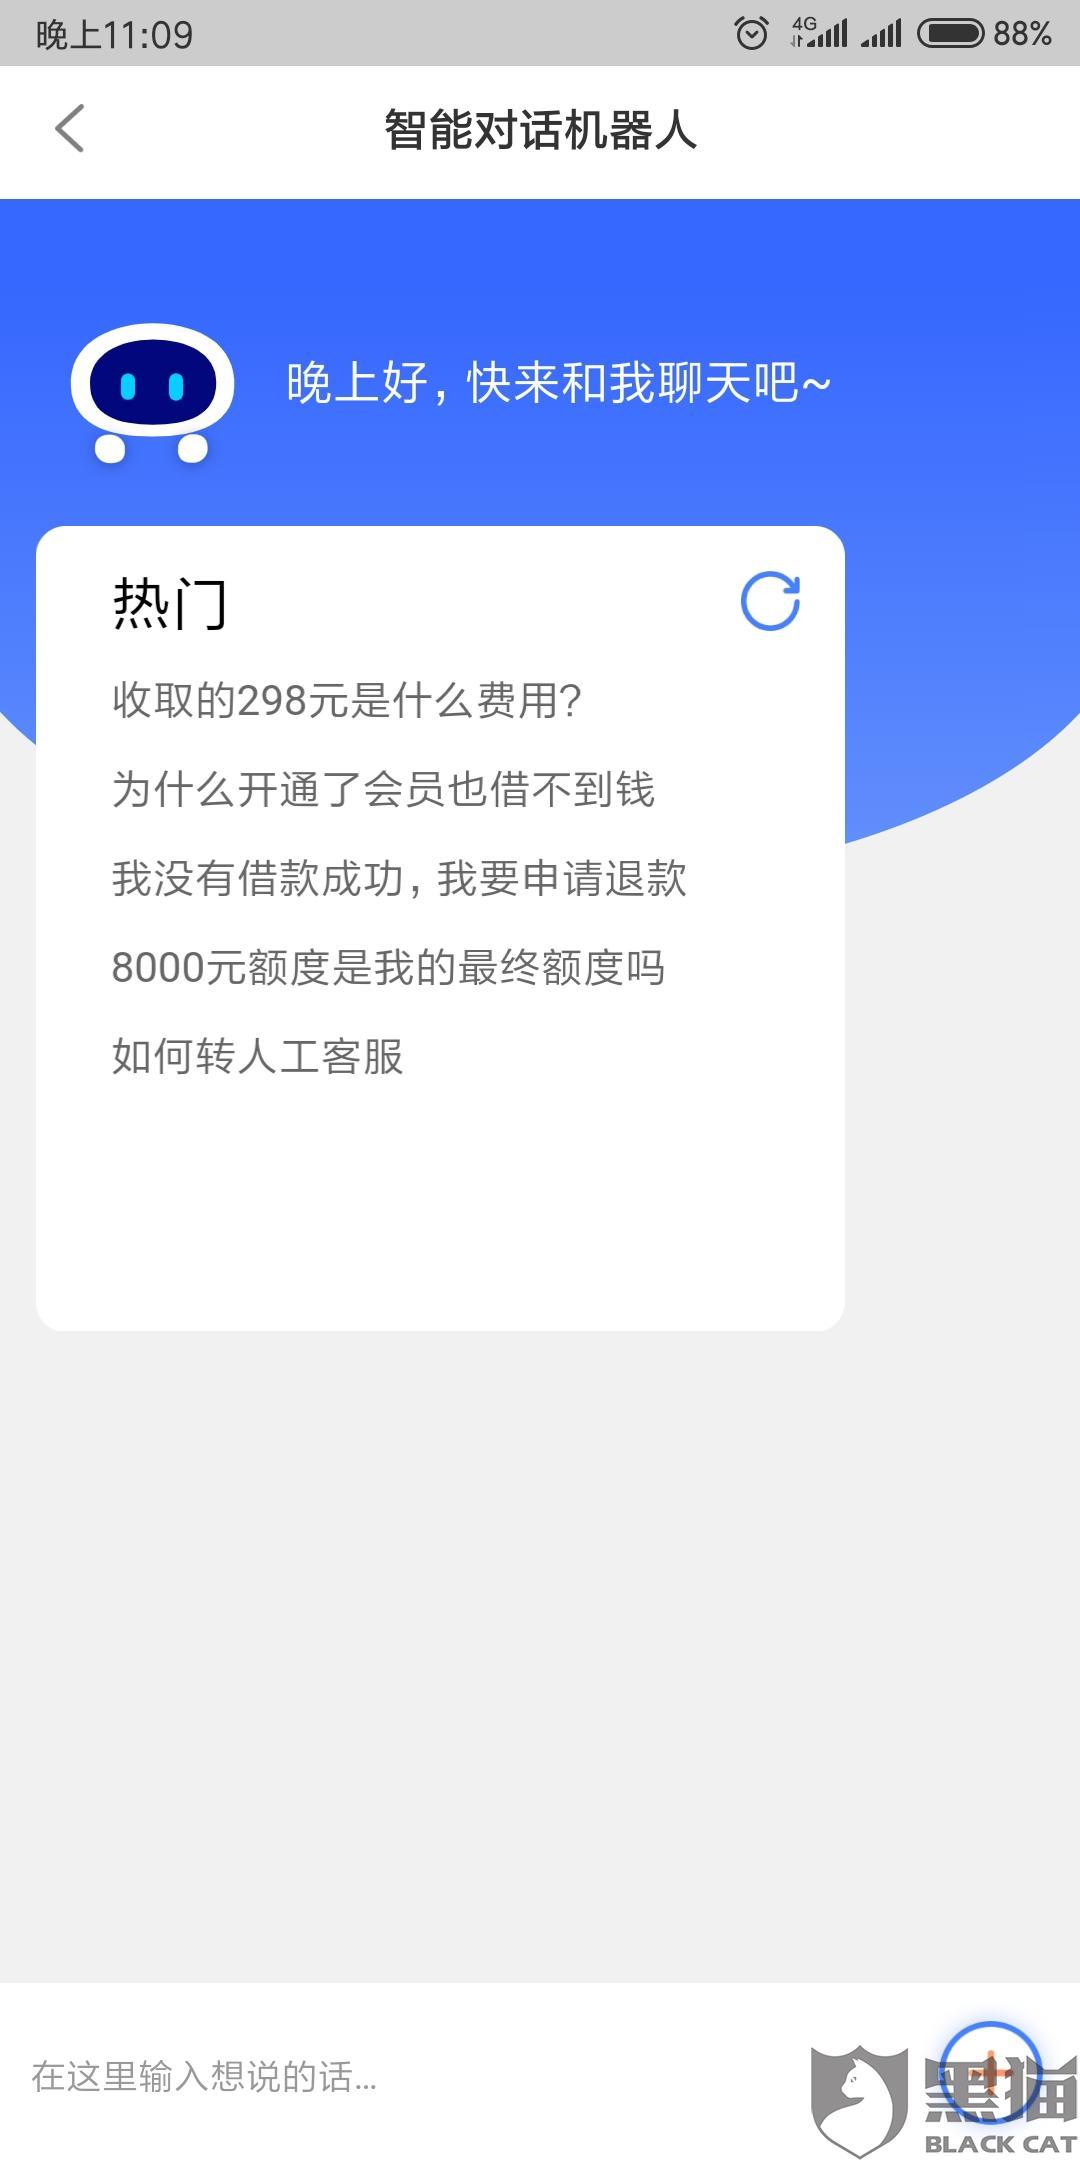 黑猫投诉:樱花分期app平台套路贷,骗验证码盗刷银卡